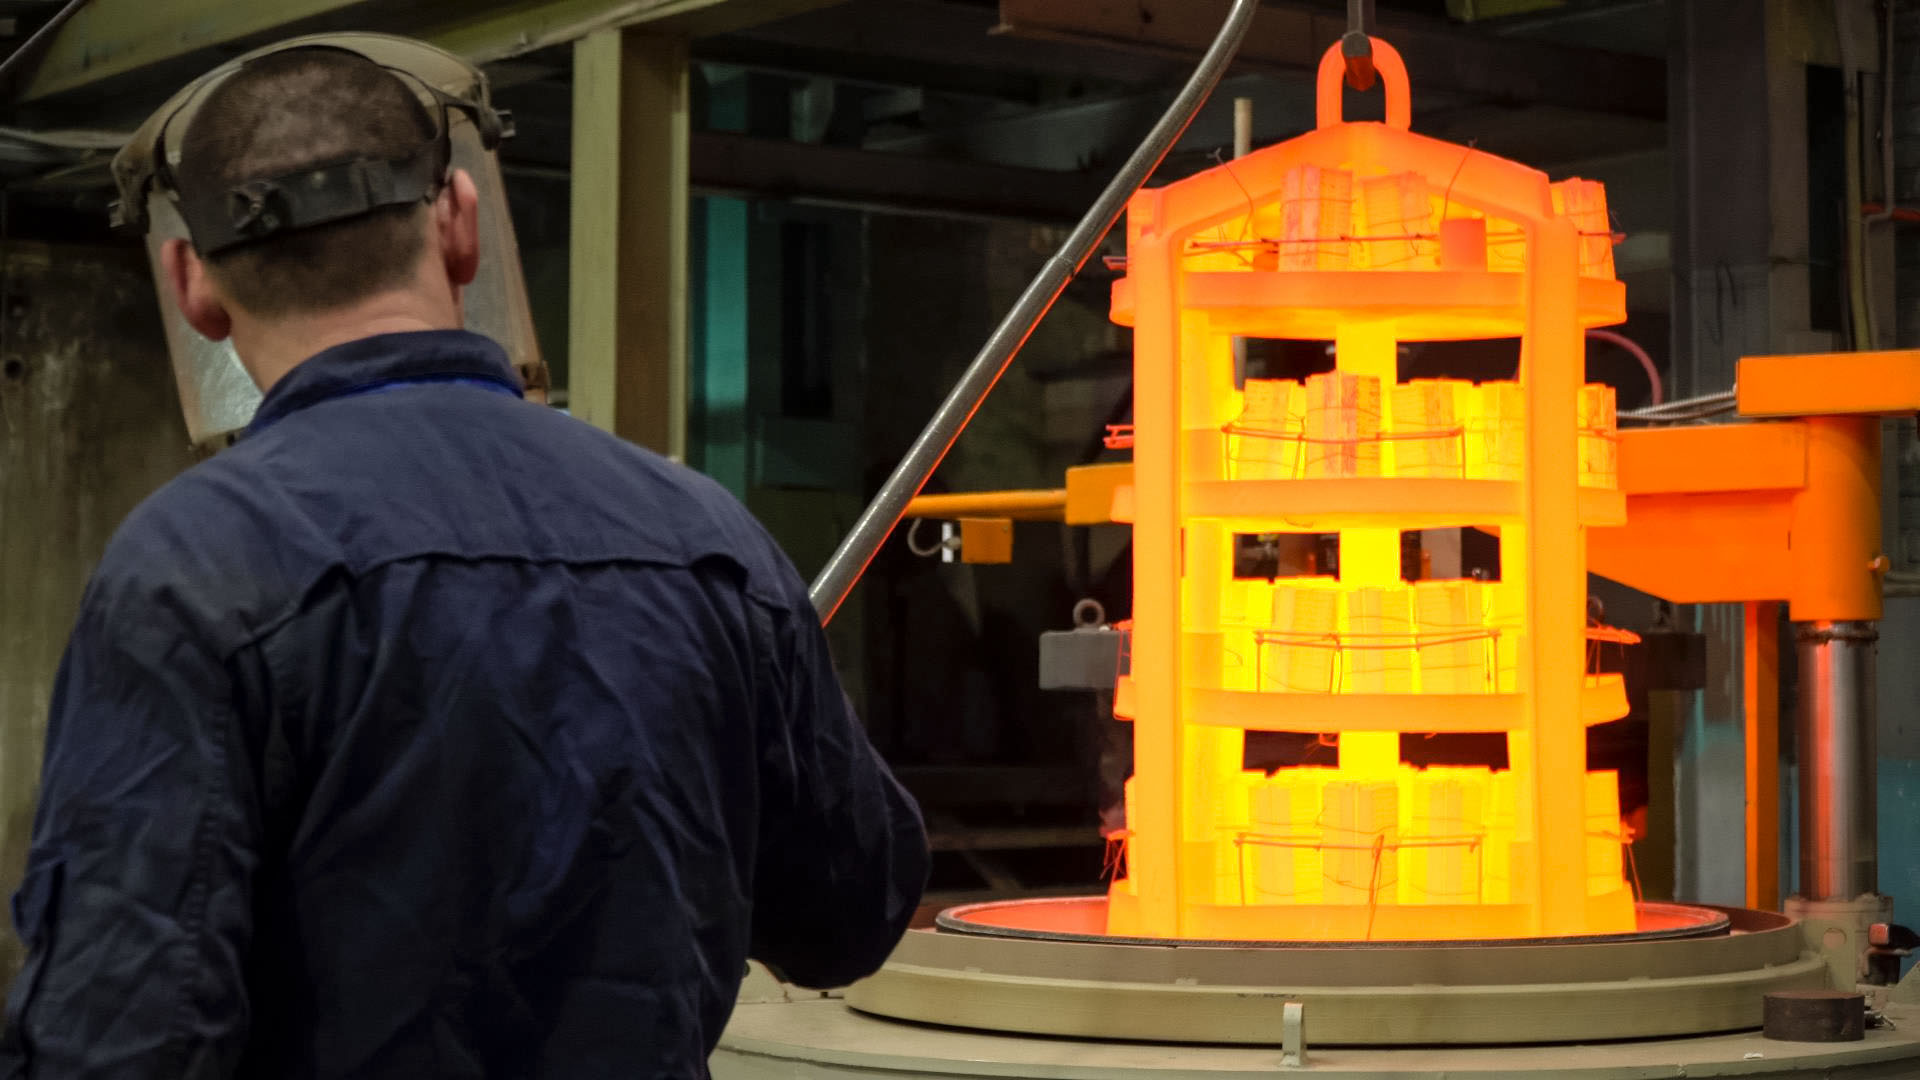 Закалка, как вид термической обработки металла подразумевает нагрев стали до температур выше критических